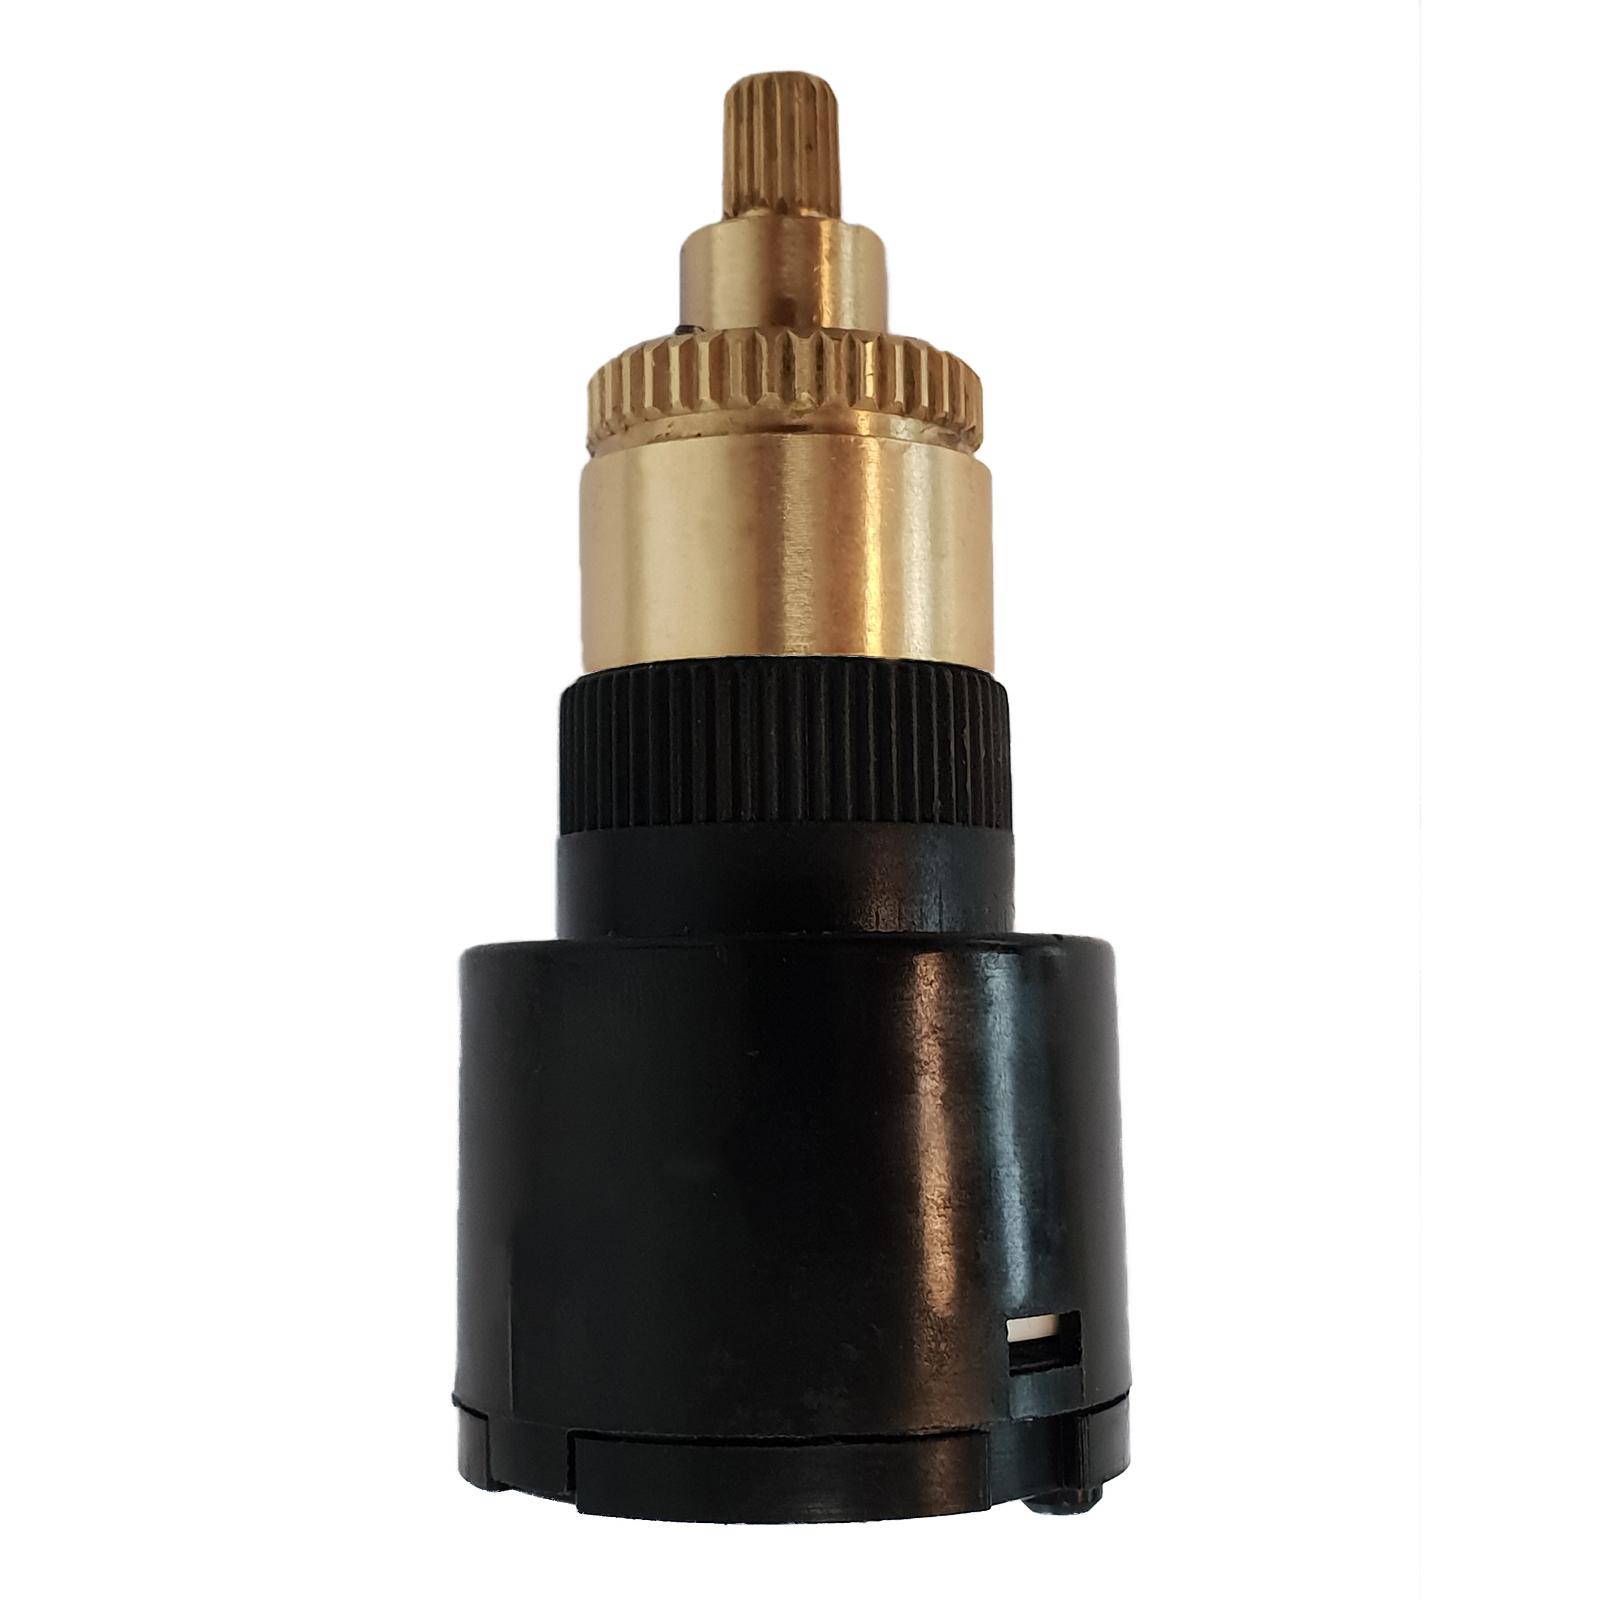 Ersatzteil Thermostat Armatur - für BERNSTEIN Duschsysteme NT6905, NT7025, NT7176, NT7177, NT7306